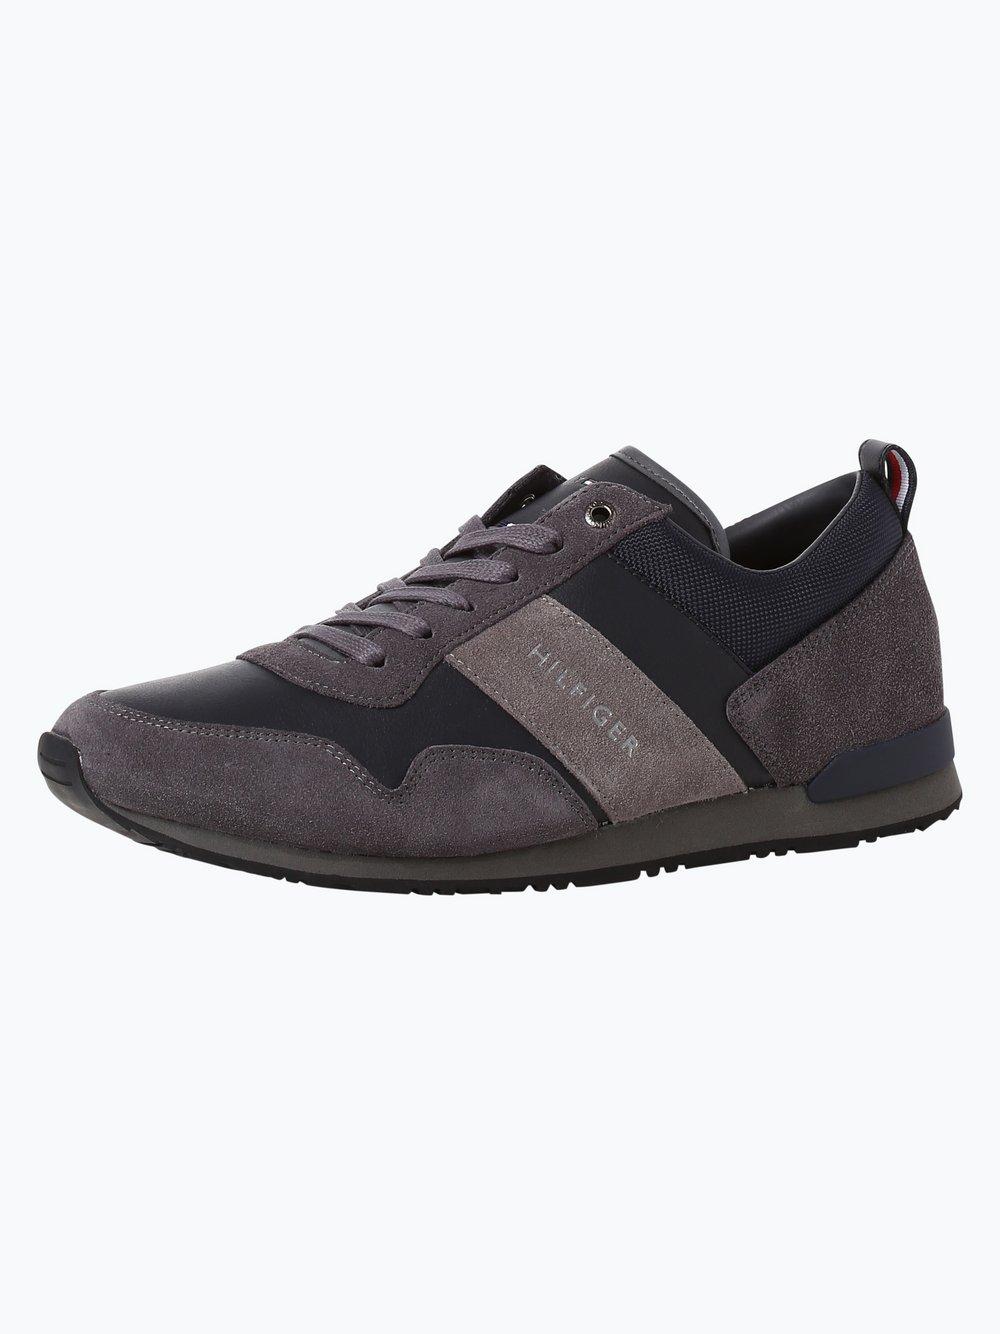 Tommy Hilfiger Herren Sneaker mit Leder-Anteil - Maxwell online ... 34ea8655fe